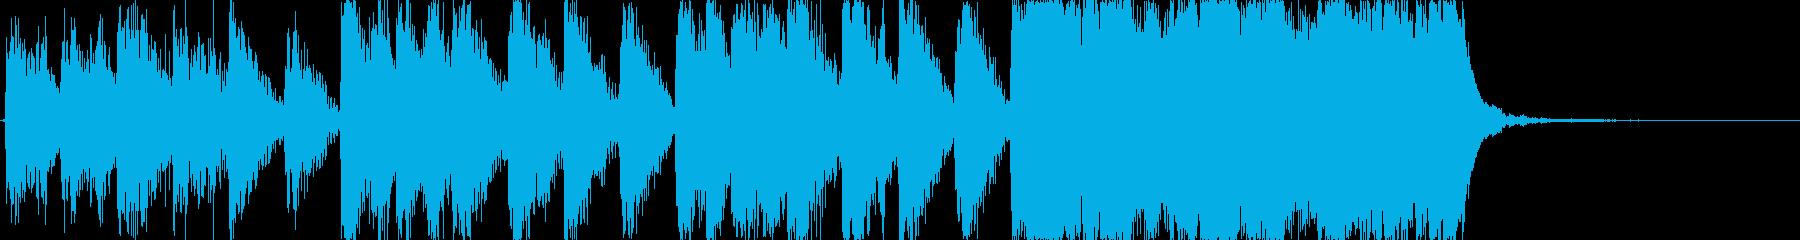 ゲーム等に最適な、少し長めのファンファ…の再生済みの波形